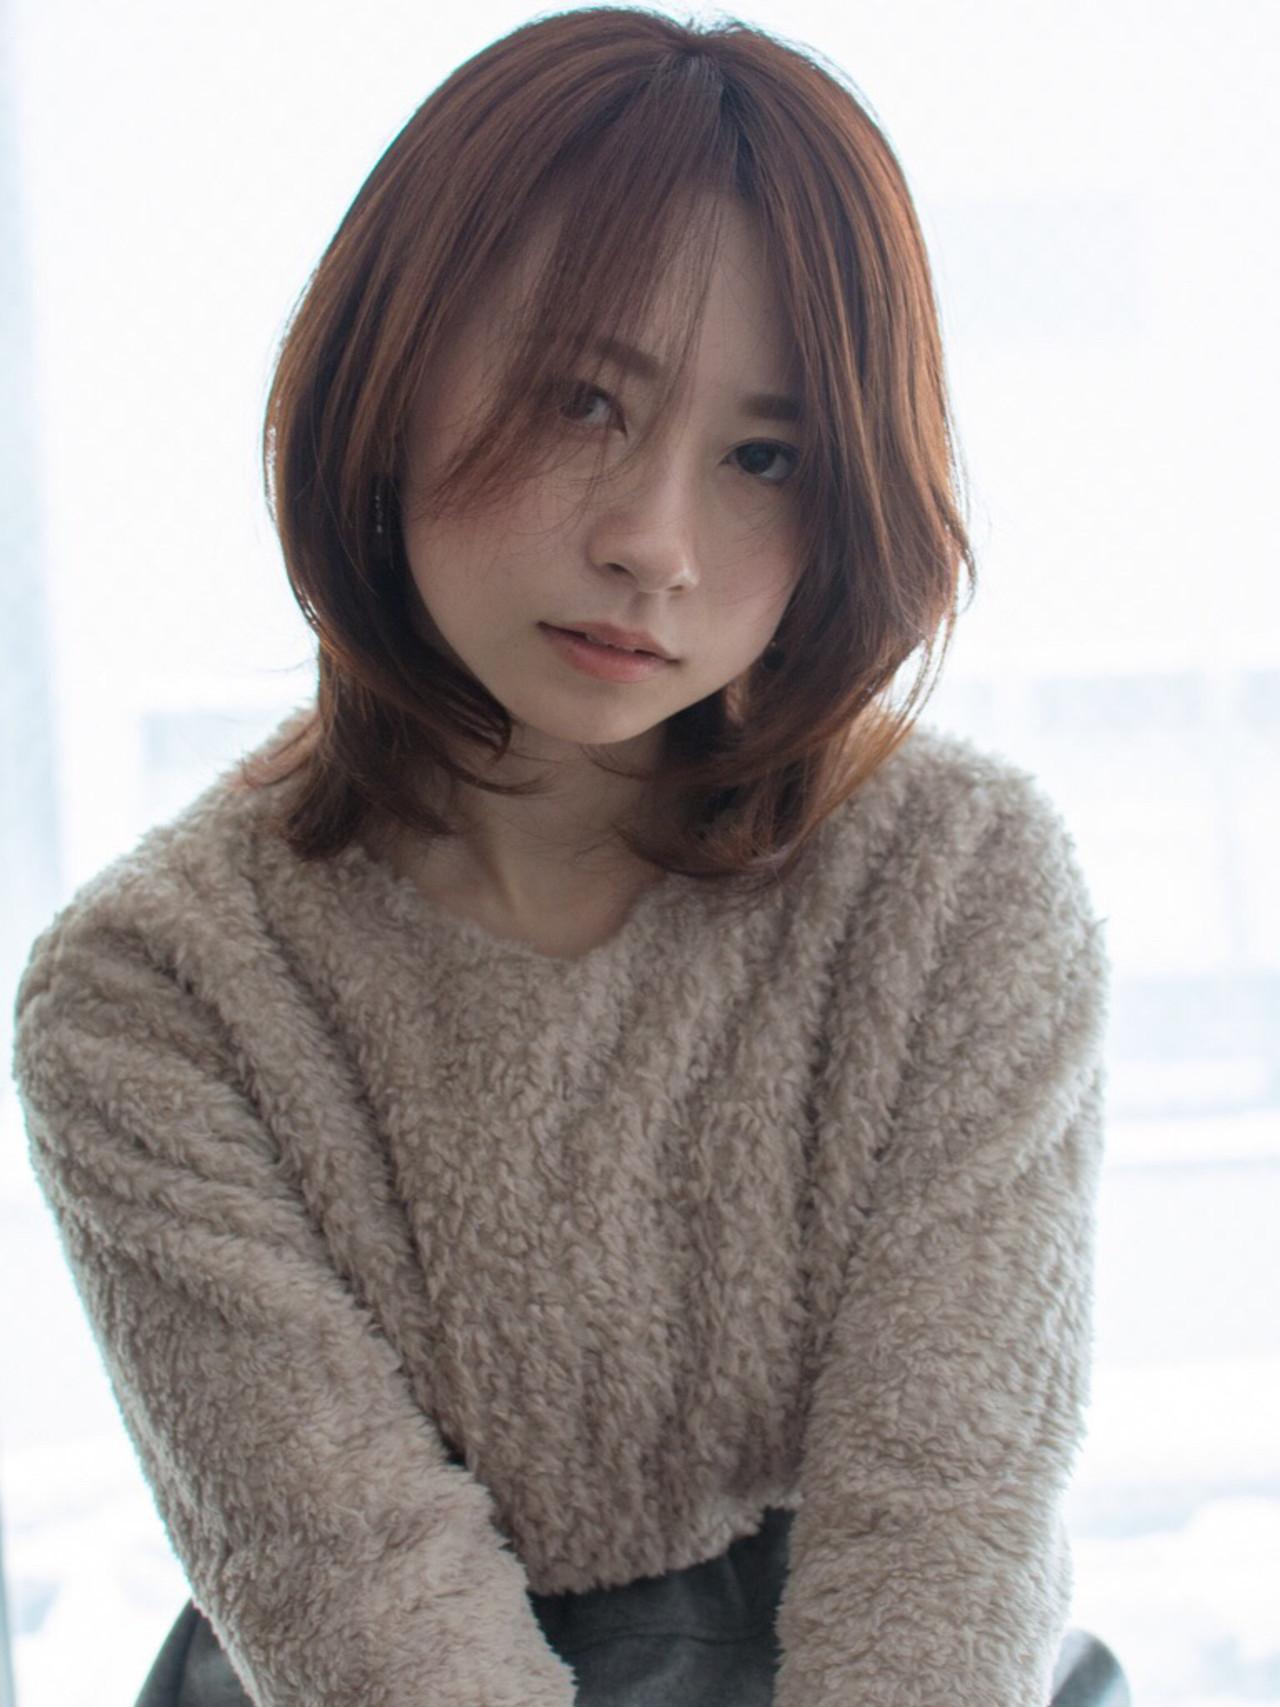 札幌 大通 noine スタイリスト斉藤です。 冬向けの、ミディアムスタイル撮影ー!!  自然とでる「束感」  話題のHUEカラーで、カラーしました。  N. ナチュラルバーム仕上げ   今回も「ピアス」「ボアトップス」「スカート」 作りました。 「ピアス」サロンで販売しています。  ホットペッパークーポンあります☺︎  #女っぽ#ピアス#オークル#カラー #オフィス #ナチュラル #ミディアム #女子会#大人かわいい #セミロング #ブラウン #うざバング #コンテスト #丸顔#ショート#HUEカラー#ヒューグロス#ミディアム#ニット#ボブ#ボア#トップス